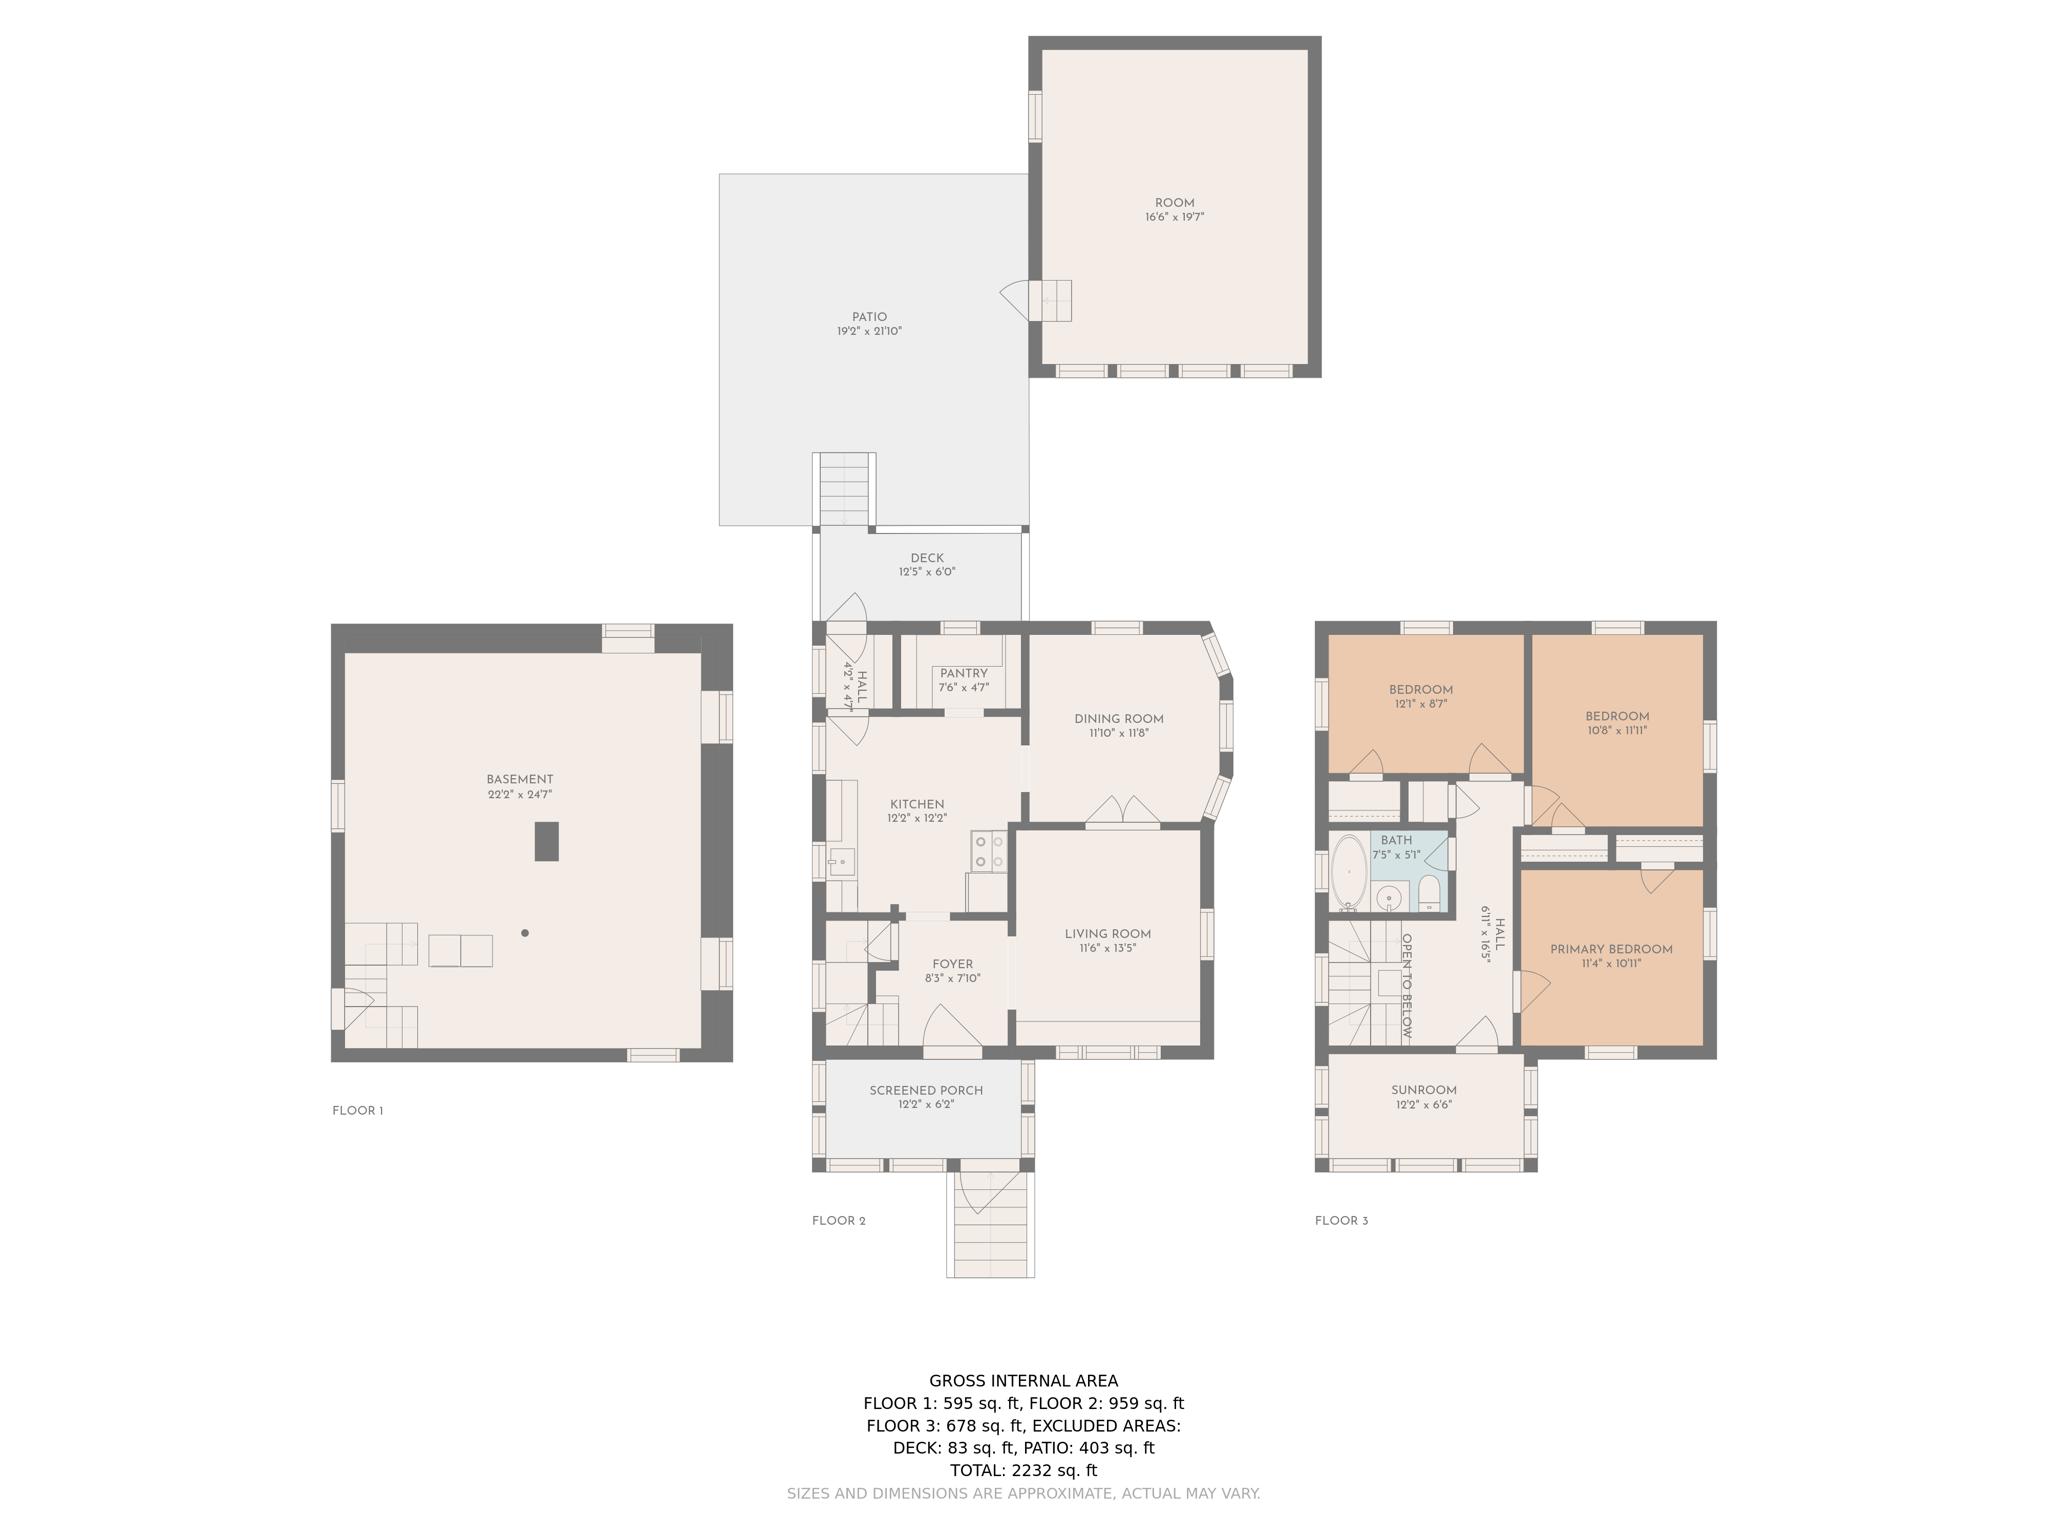 Floorplan All Floors